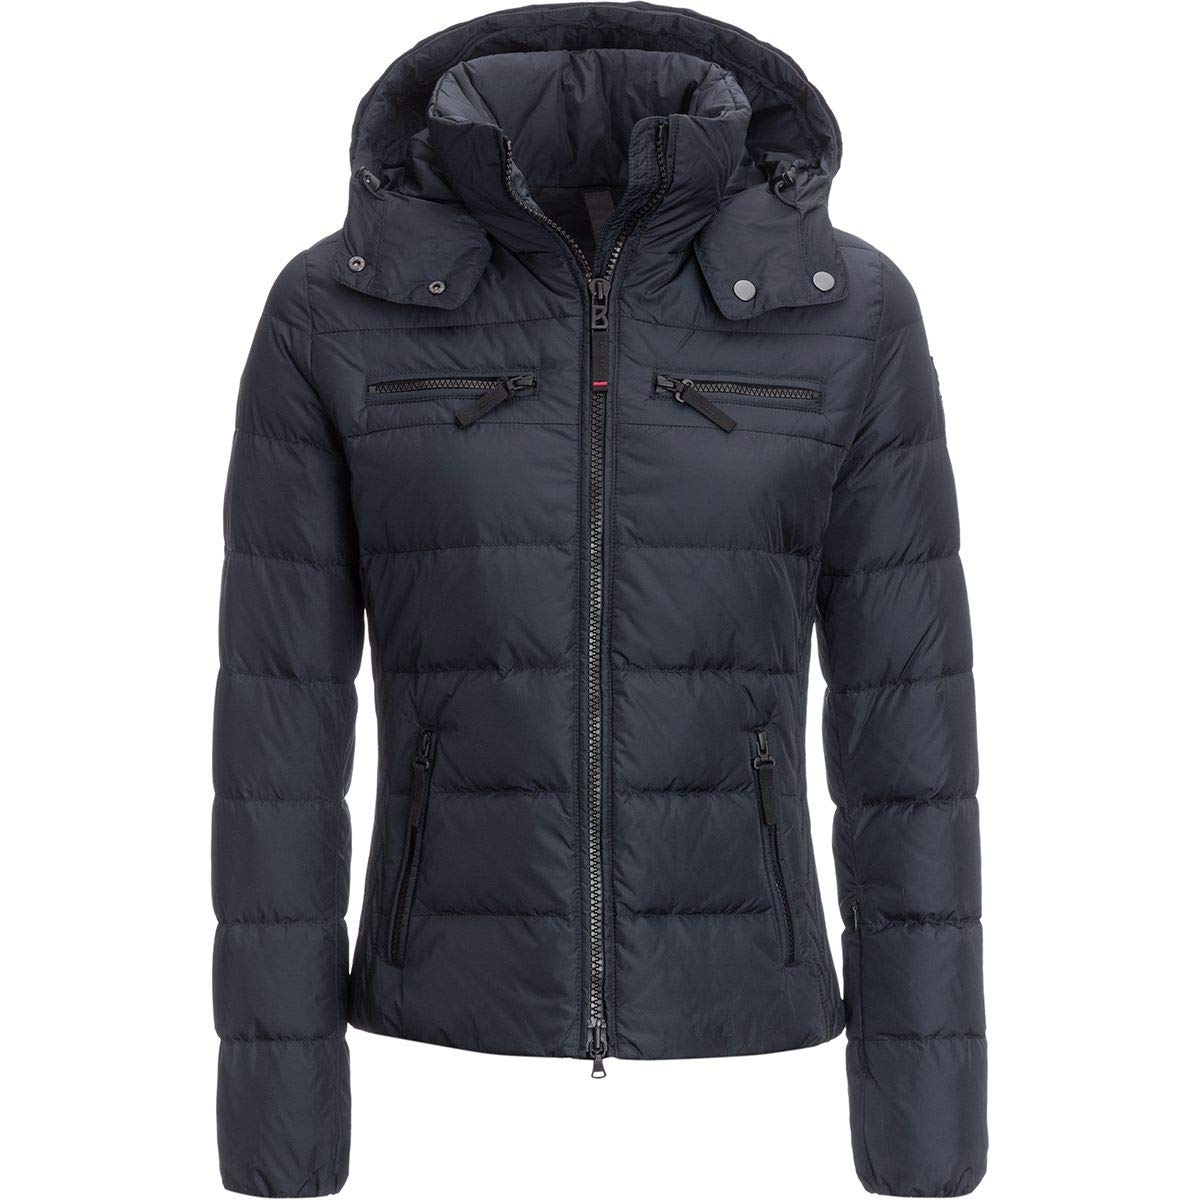 激安の Bogner – Fire + Ice Lela 8 + 2 – Jacket – Women 's B07KCNFHT3 8|ミッドナイト(Midnight) ミッドナイト(Midnight) 8, momopark:50eaf15a --- arianechie.dominiotemporario.com